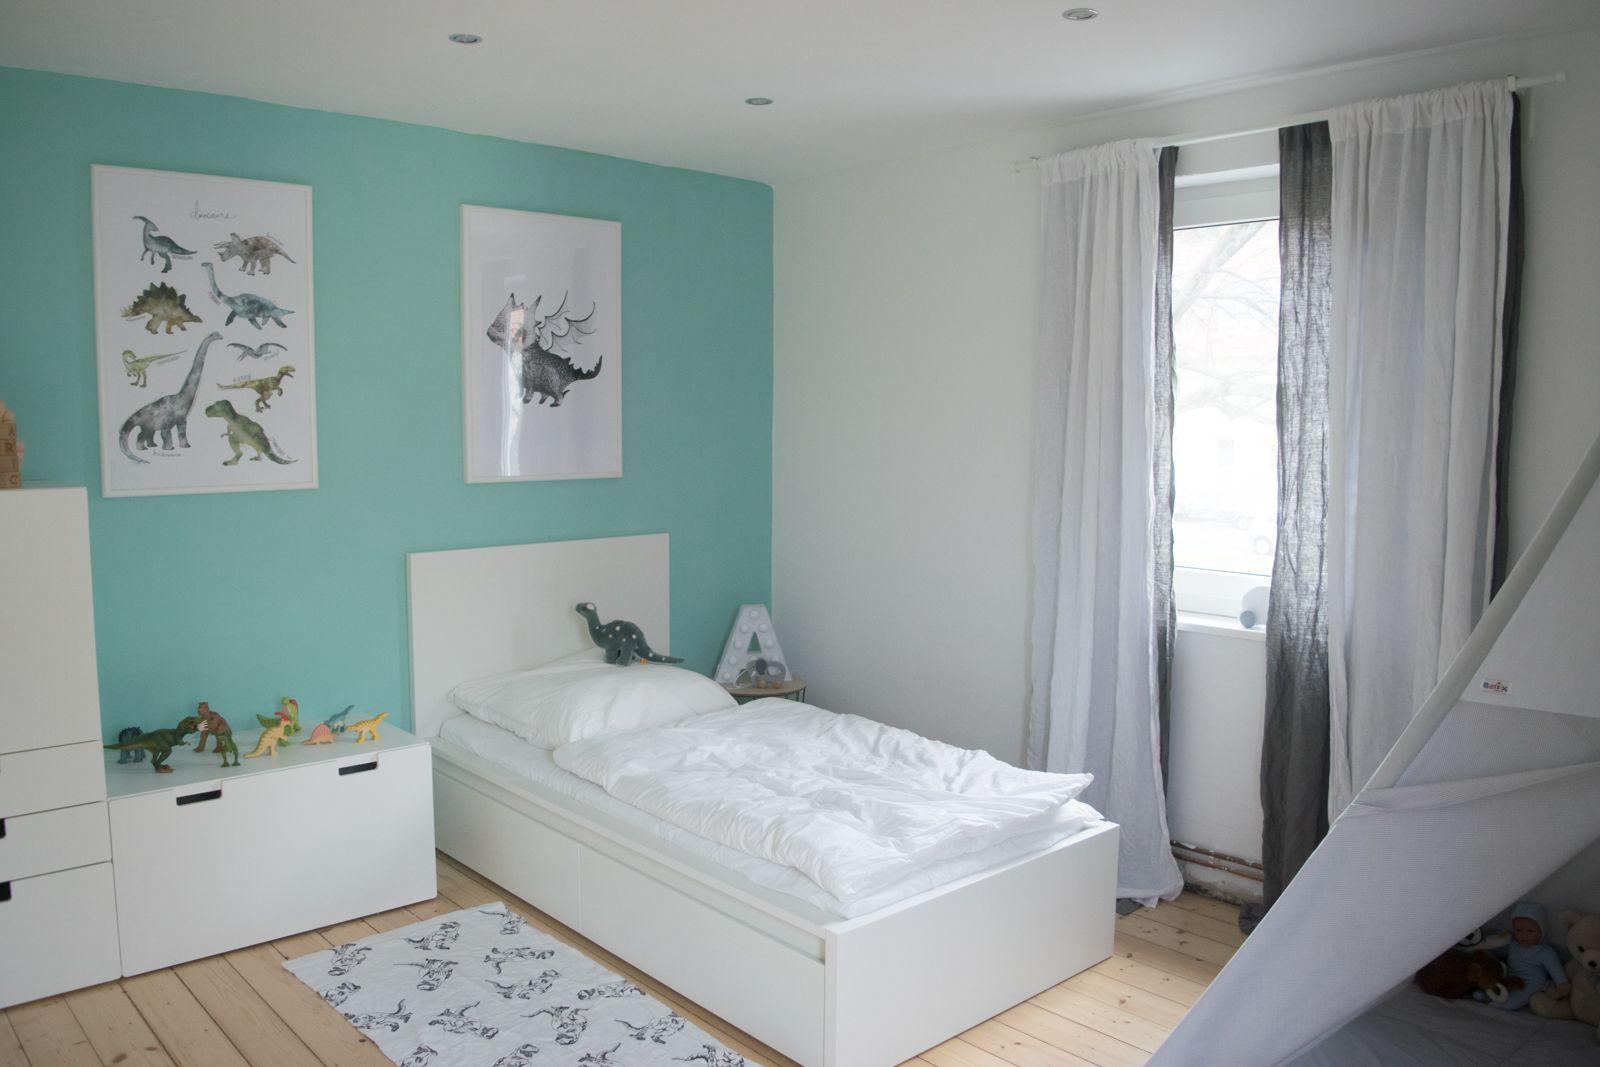 Inspirierend Jungen Babyzimmer Galerie Von Alpina Farbenfreunde Kinderzimmer Farbkonzept Geckogrün Grün Türkis